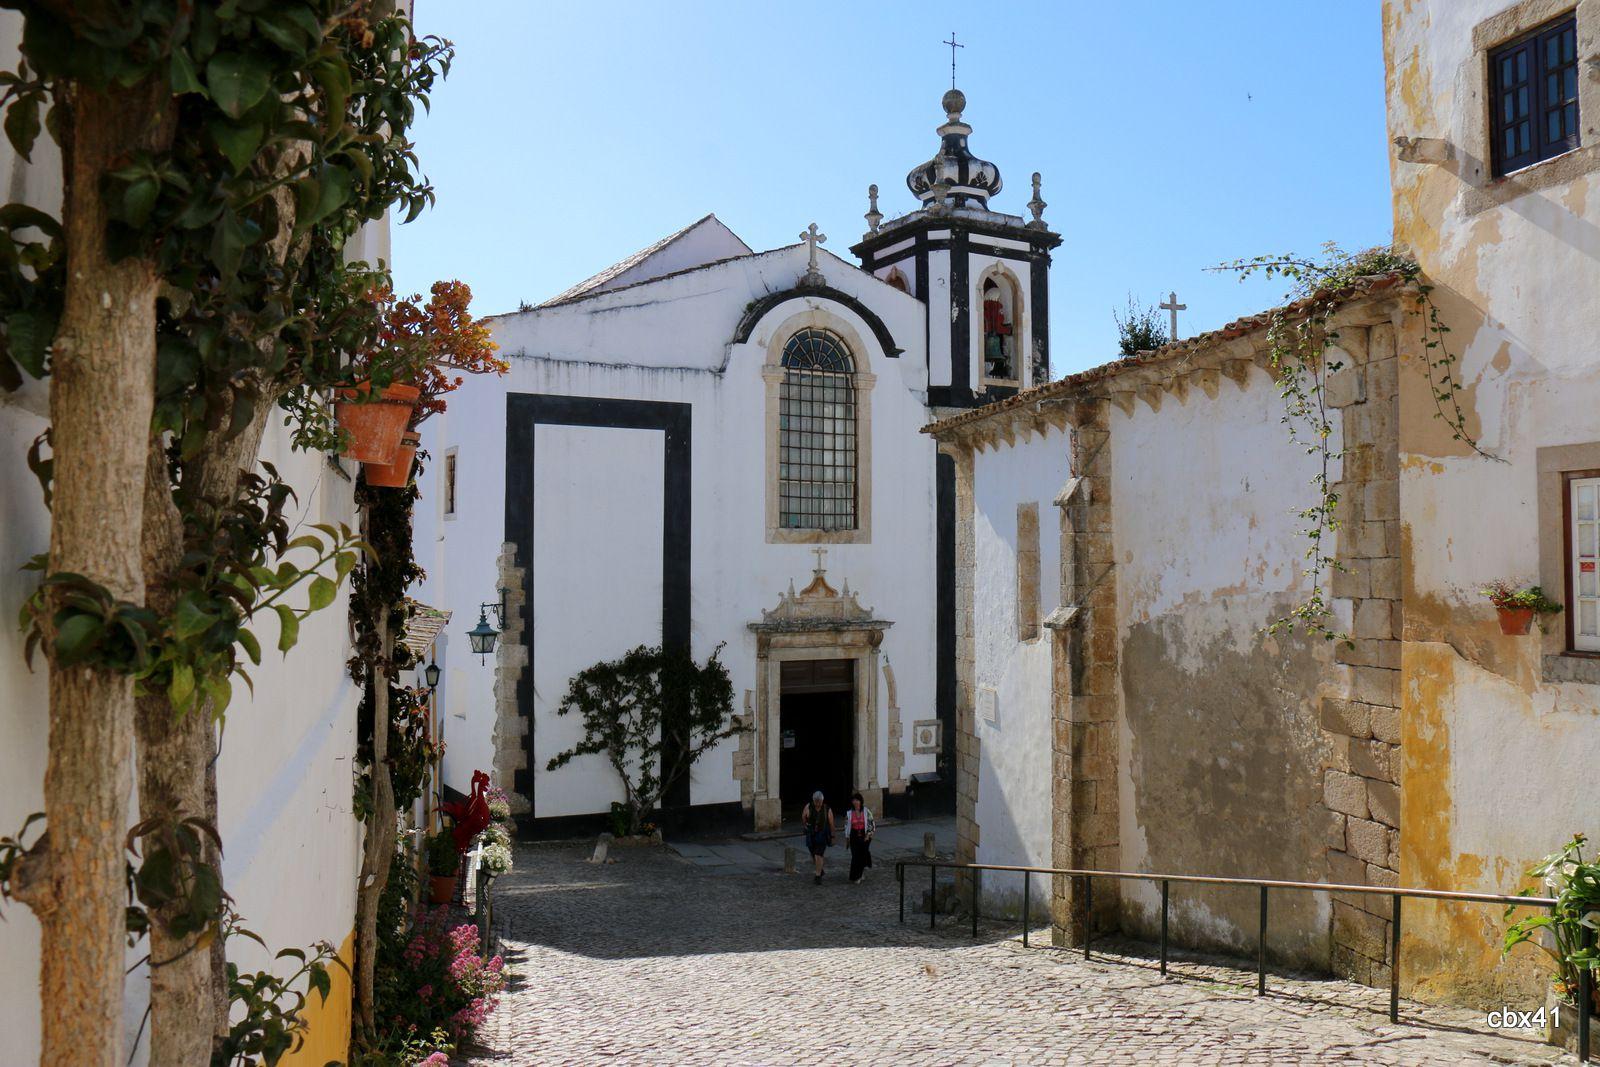 Les églises de Sainte Marie (Igreja de Santa Maria) et de Saint Pierre, Obidos au Portugal